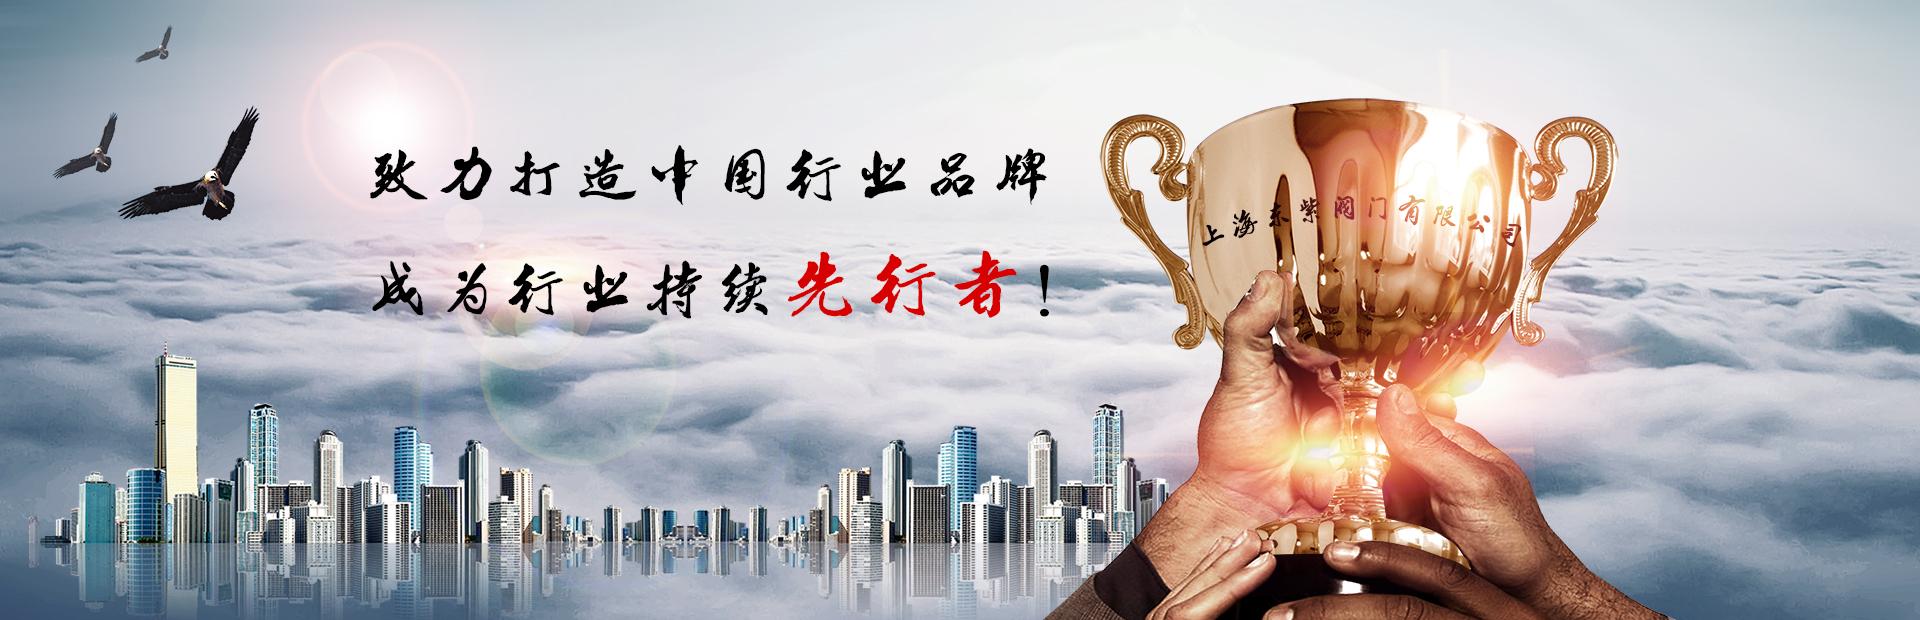 上海东紫阀门有限公司